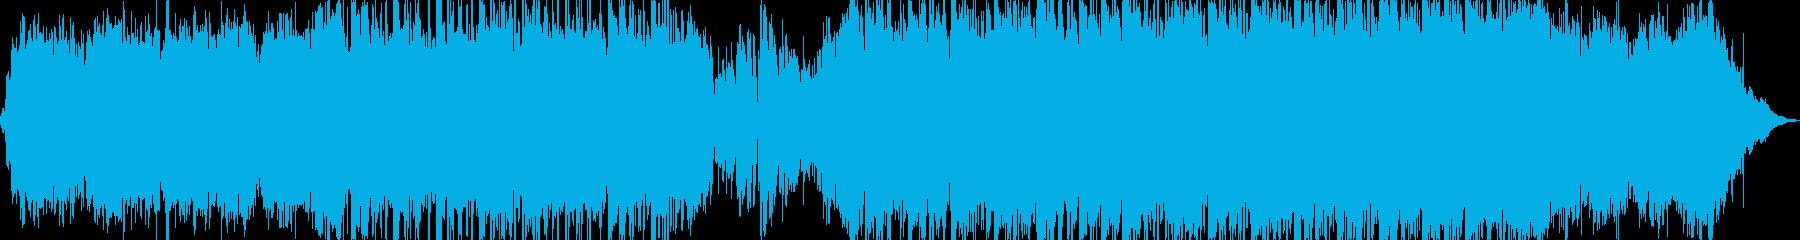 アンビエント 技術的な 感情的 説...の再生済みの波形